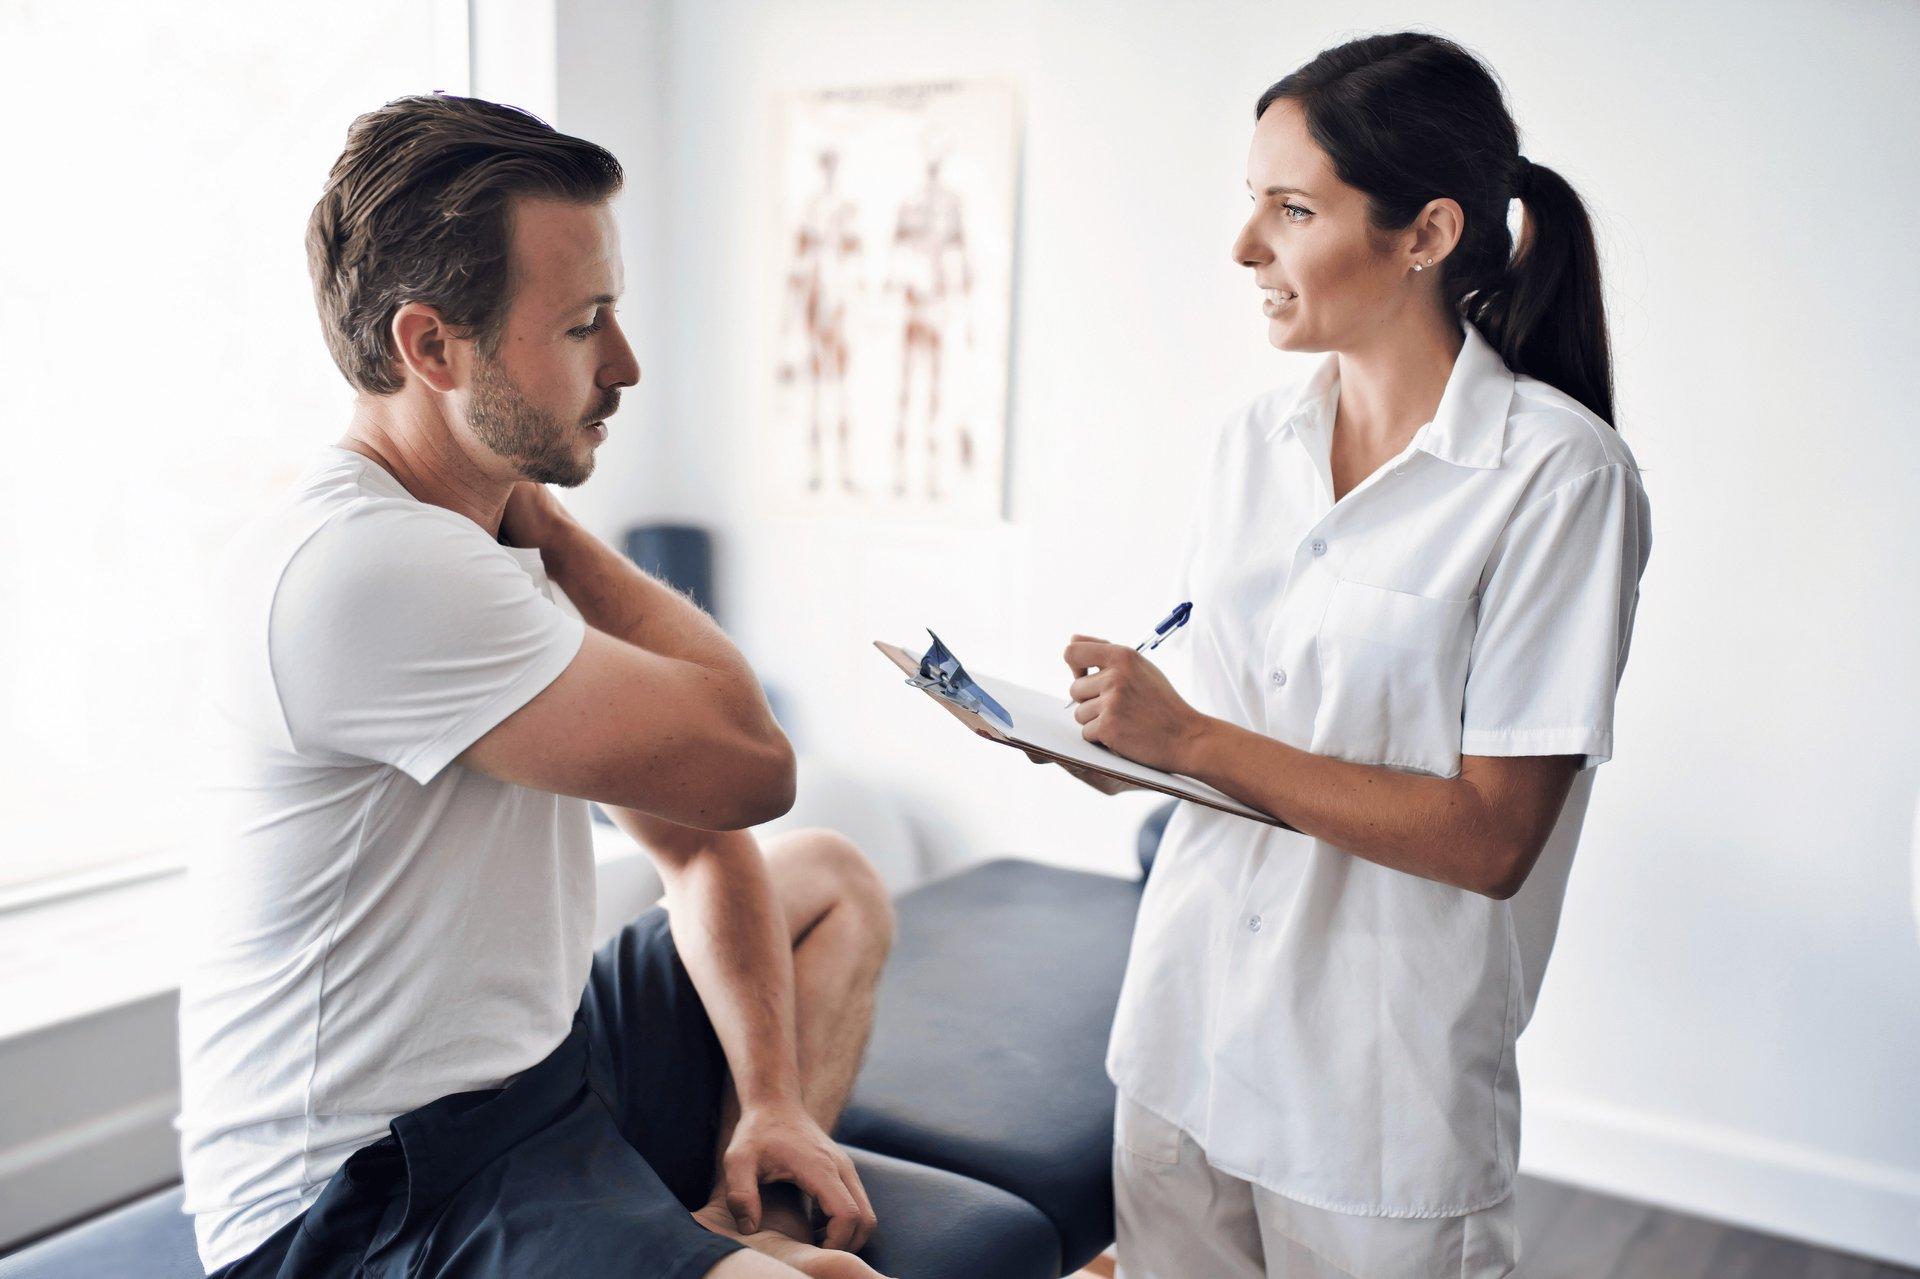 Jak wspierać pracowników po przejściu koronawirusa?